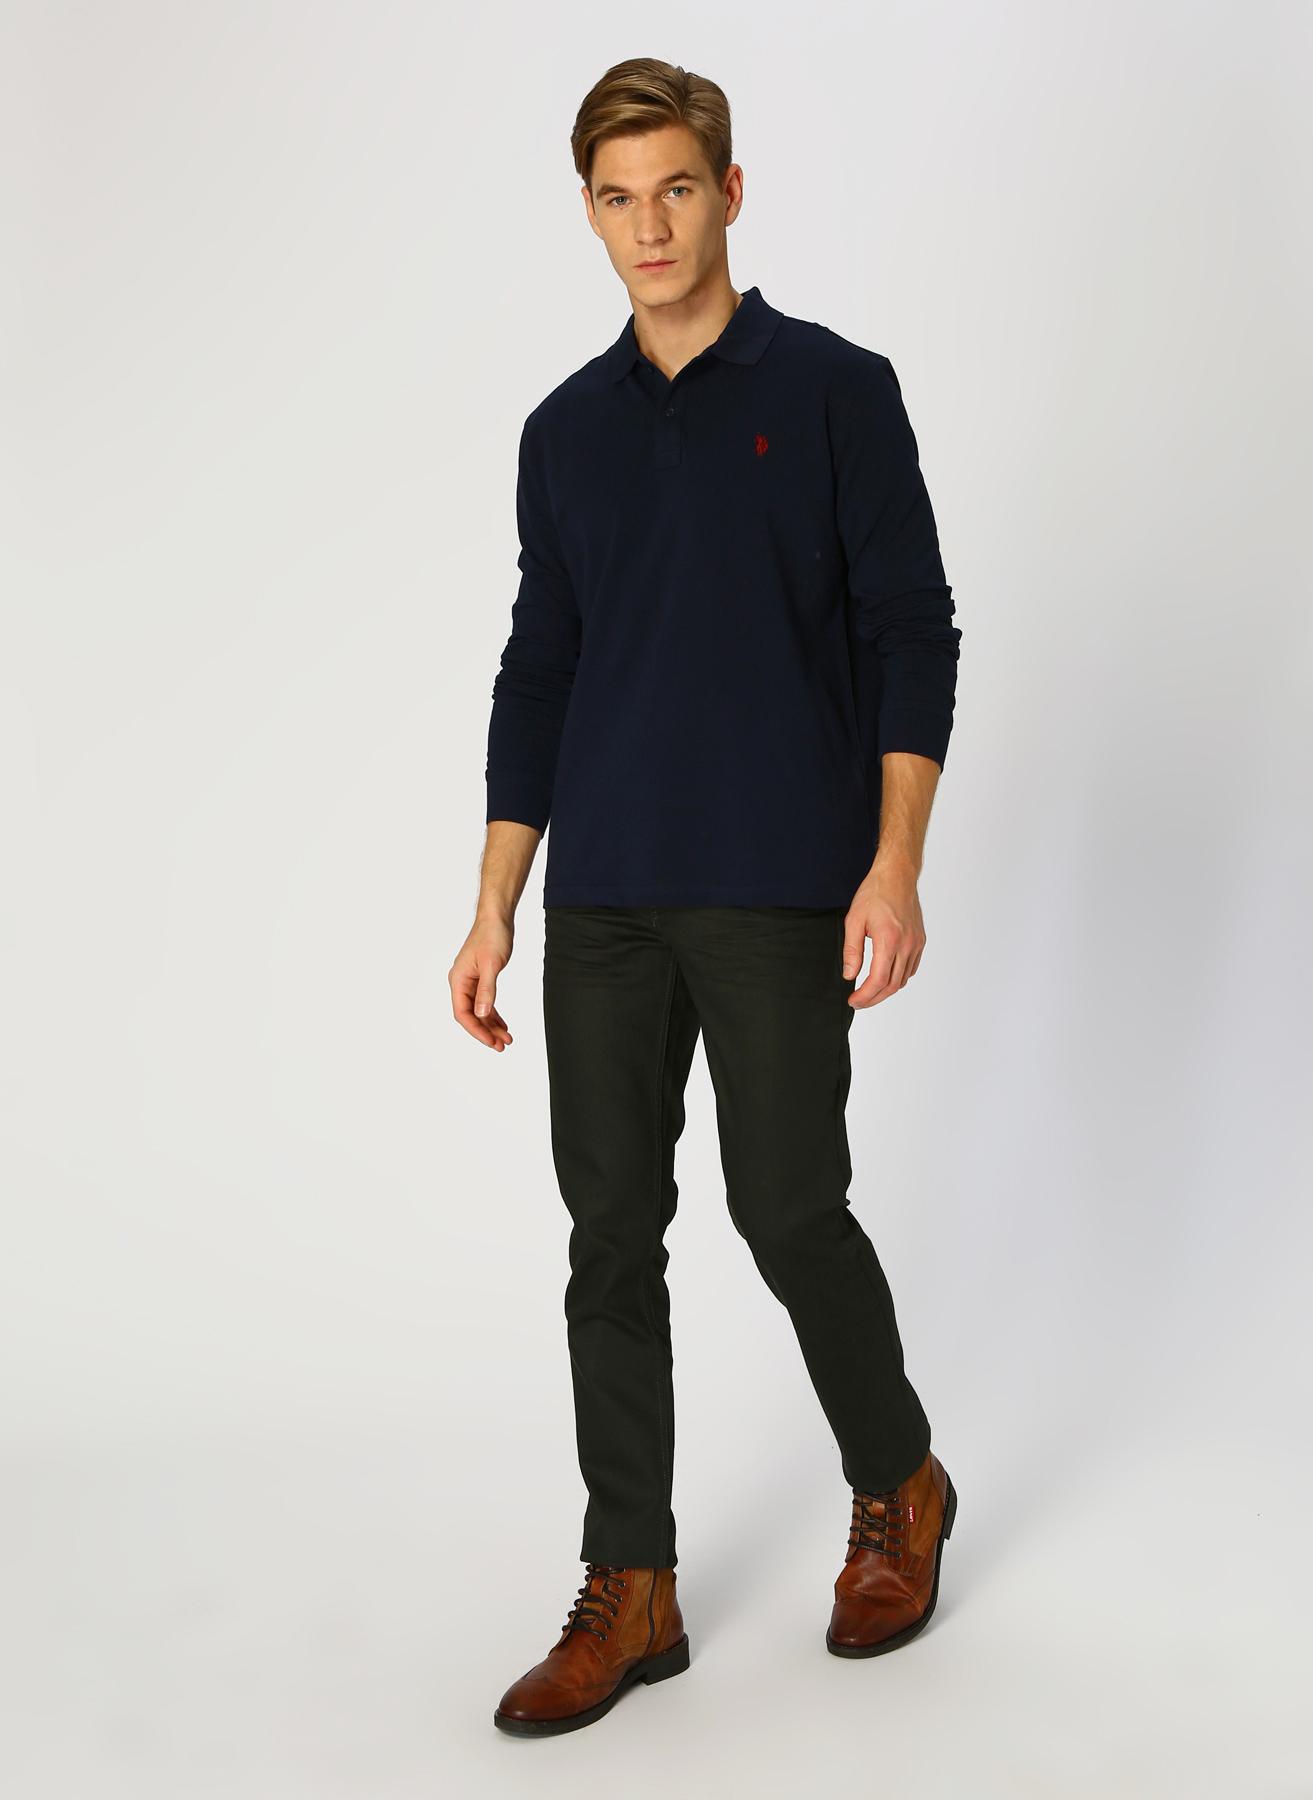 U.S. Polo Assn. Haki Denim Pantolon 36-32 5001704809006 Ürün Resmi